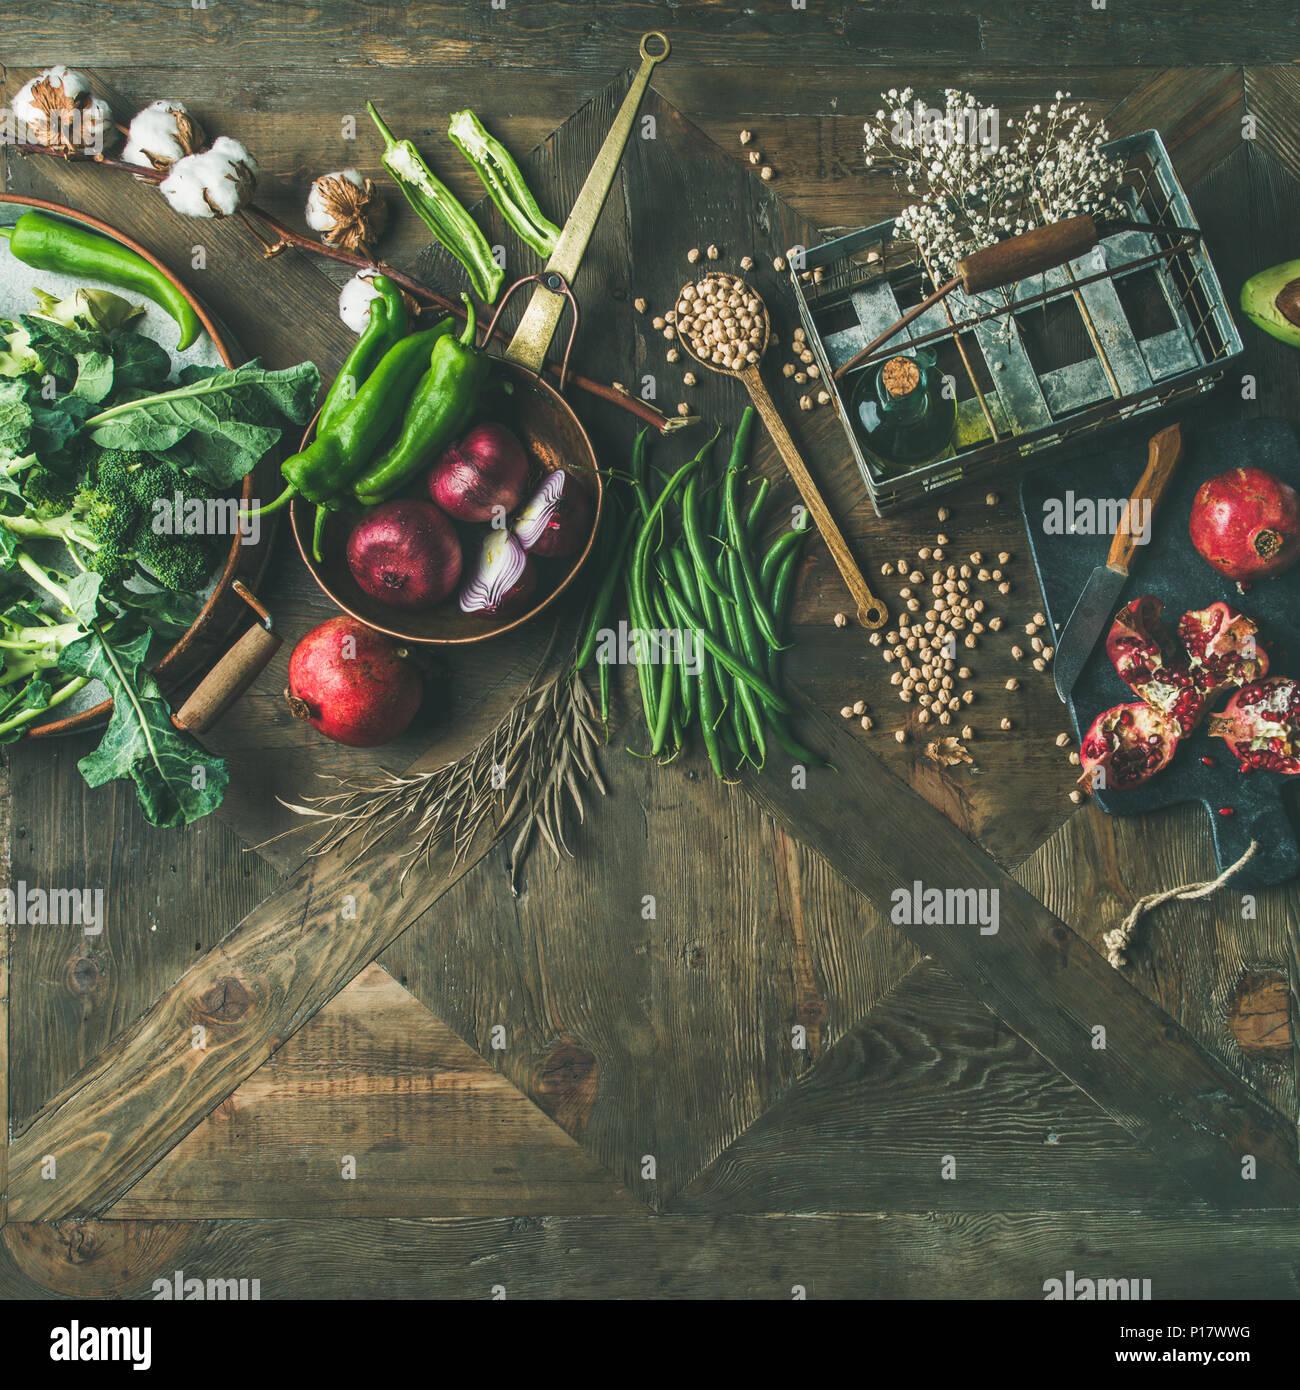 Invierno vegetariano o vegano ingredientes para cocinar alimentos Imagen De Stock